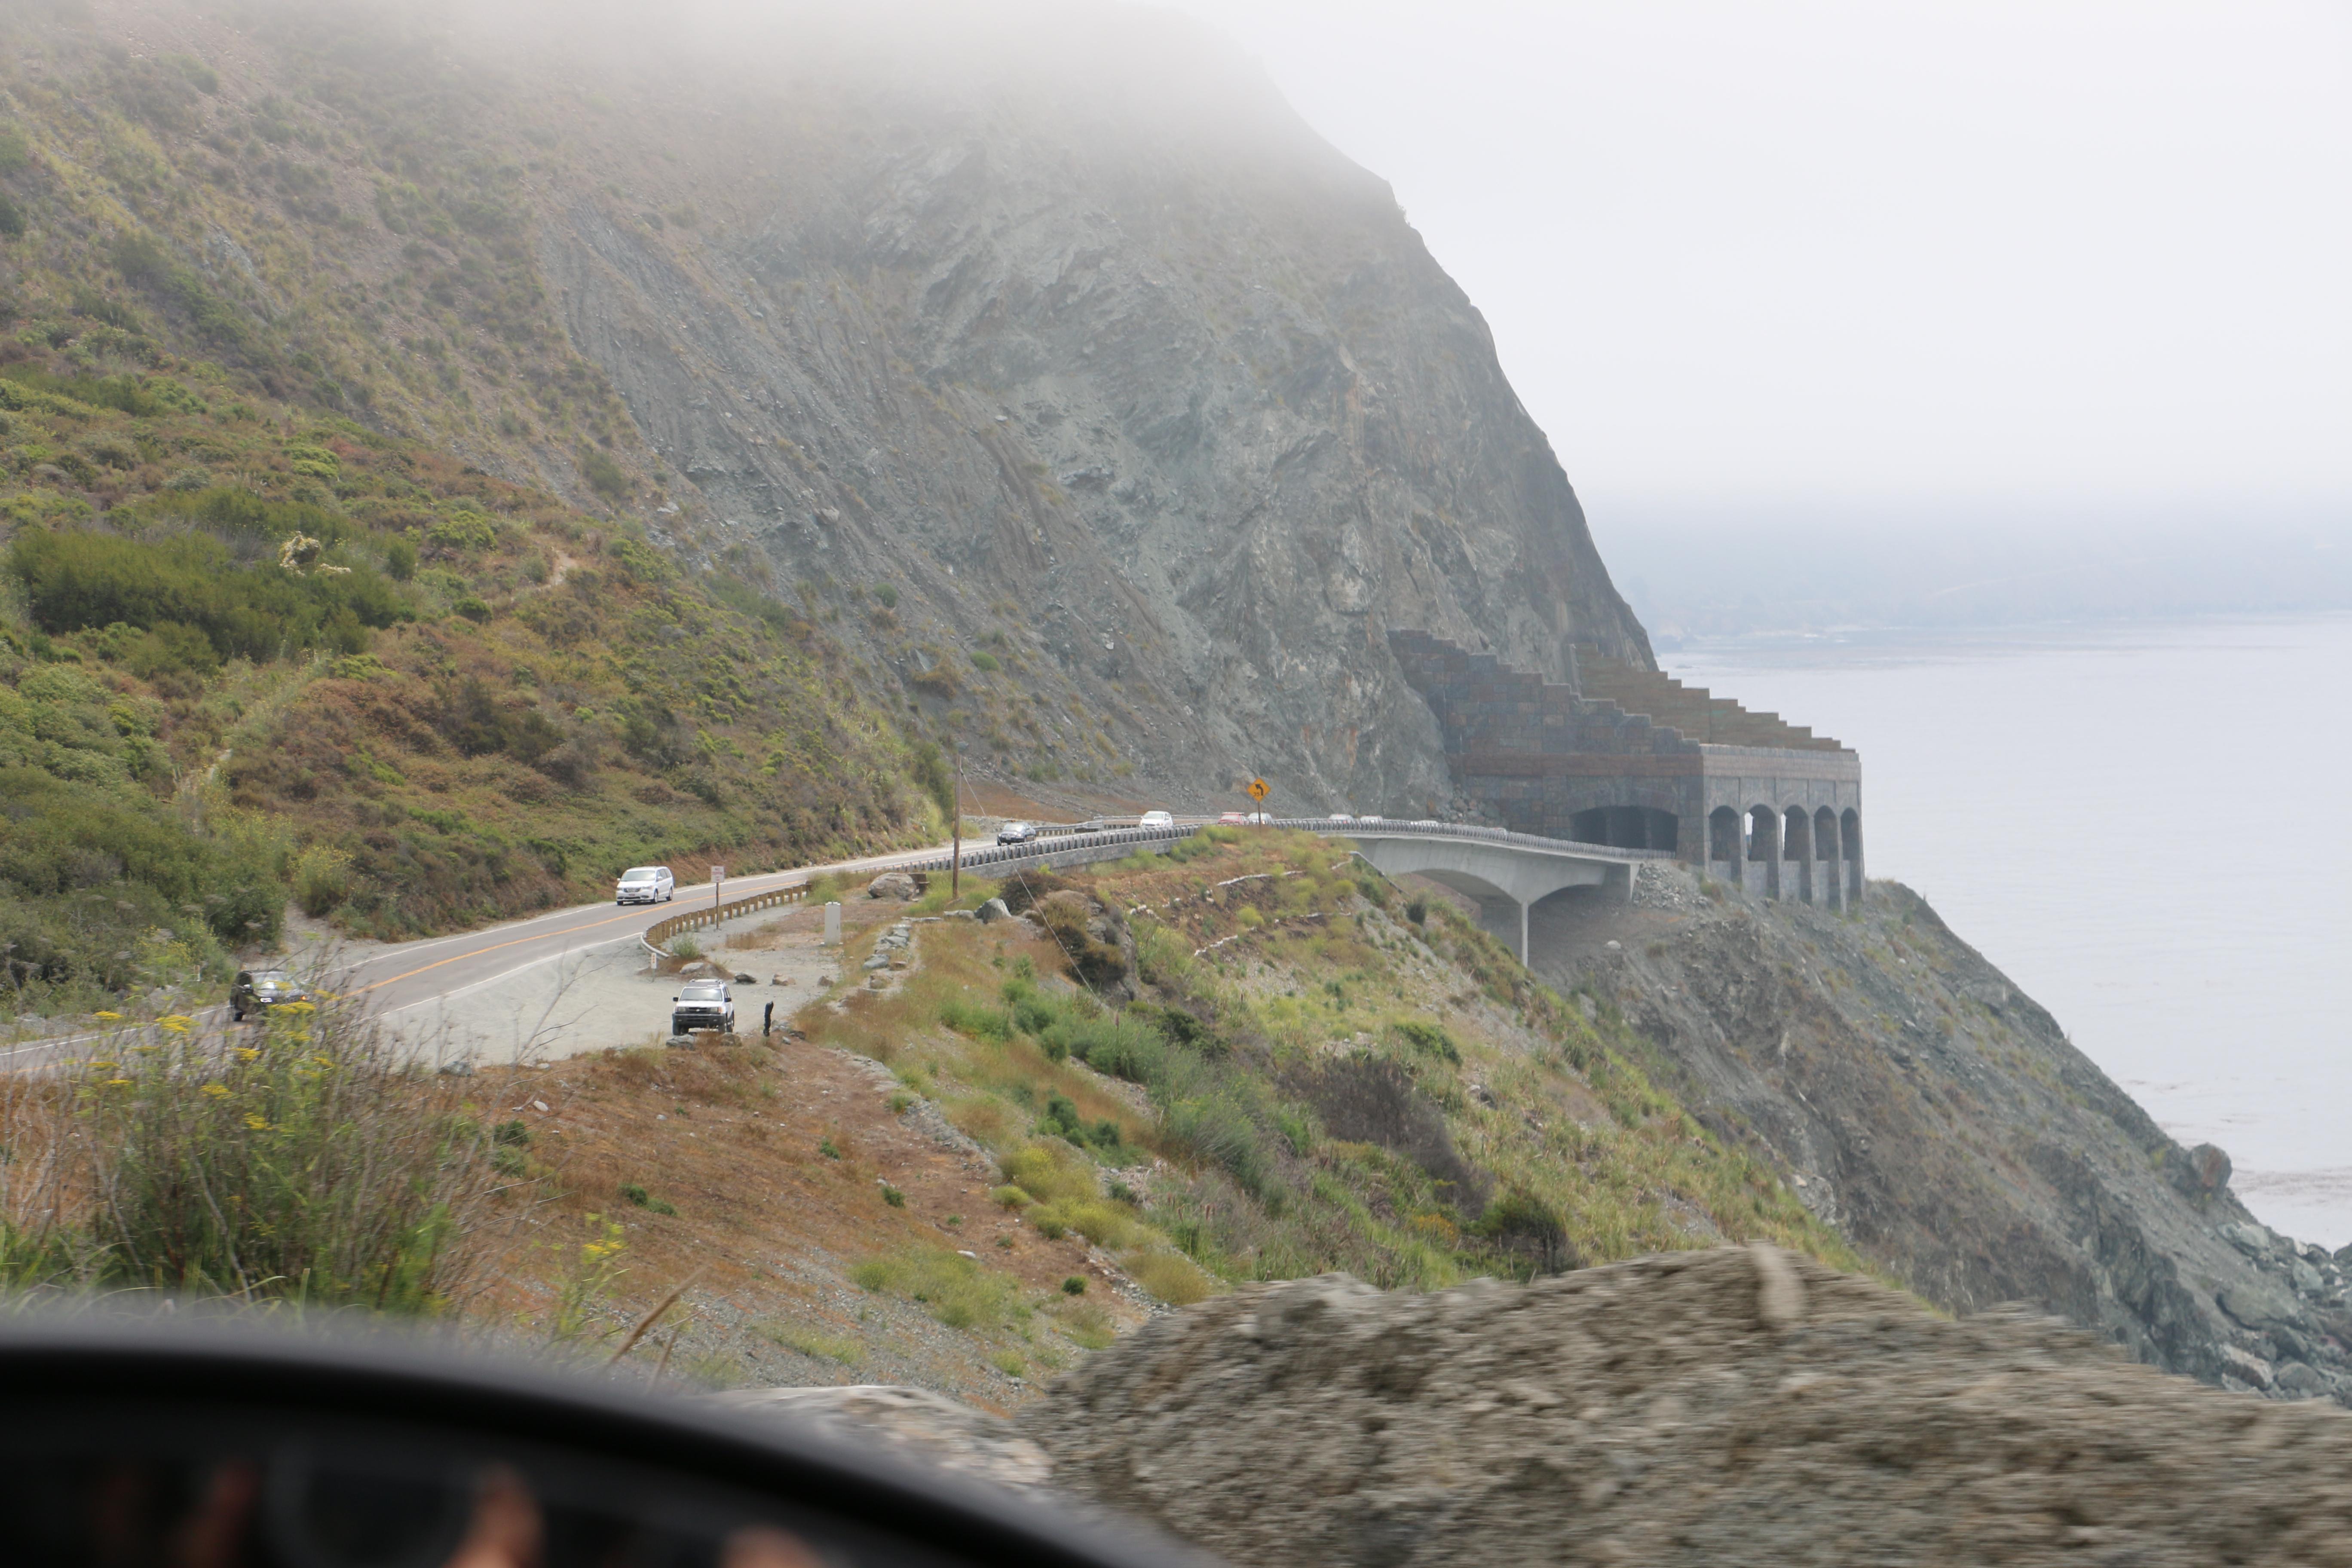 Highway hookup